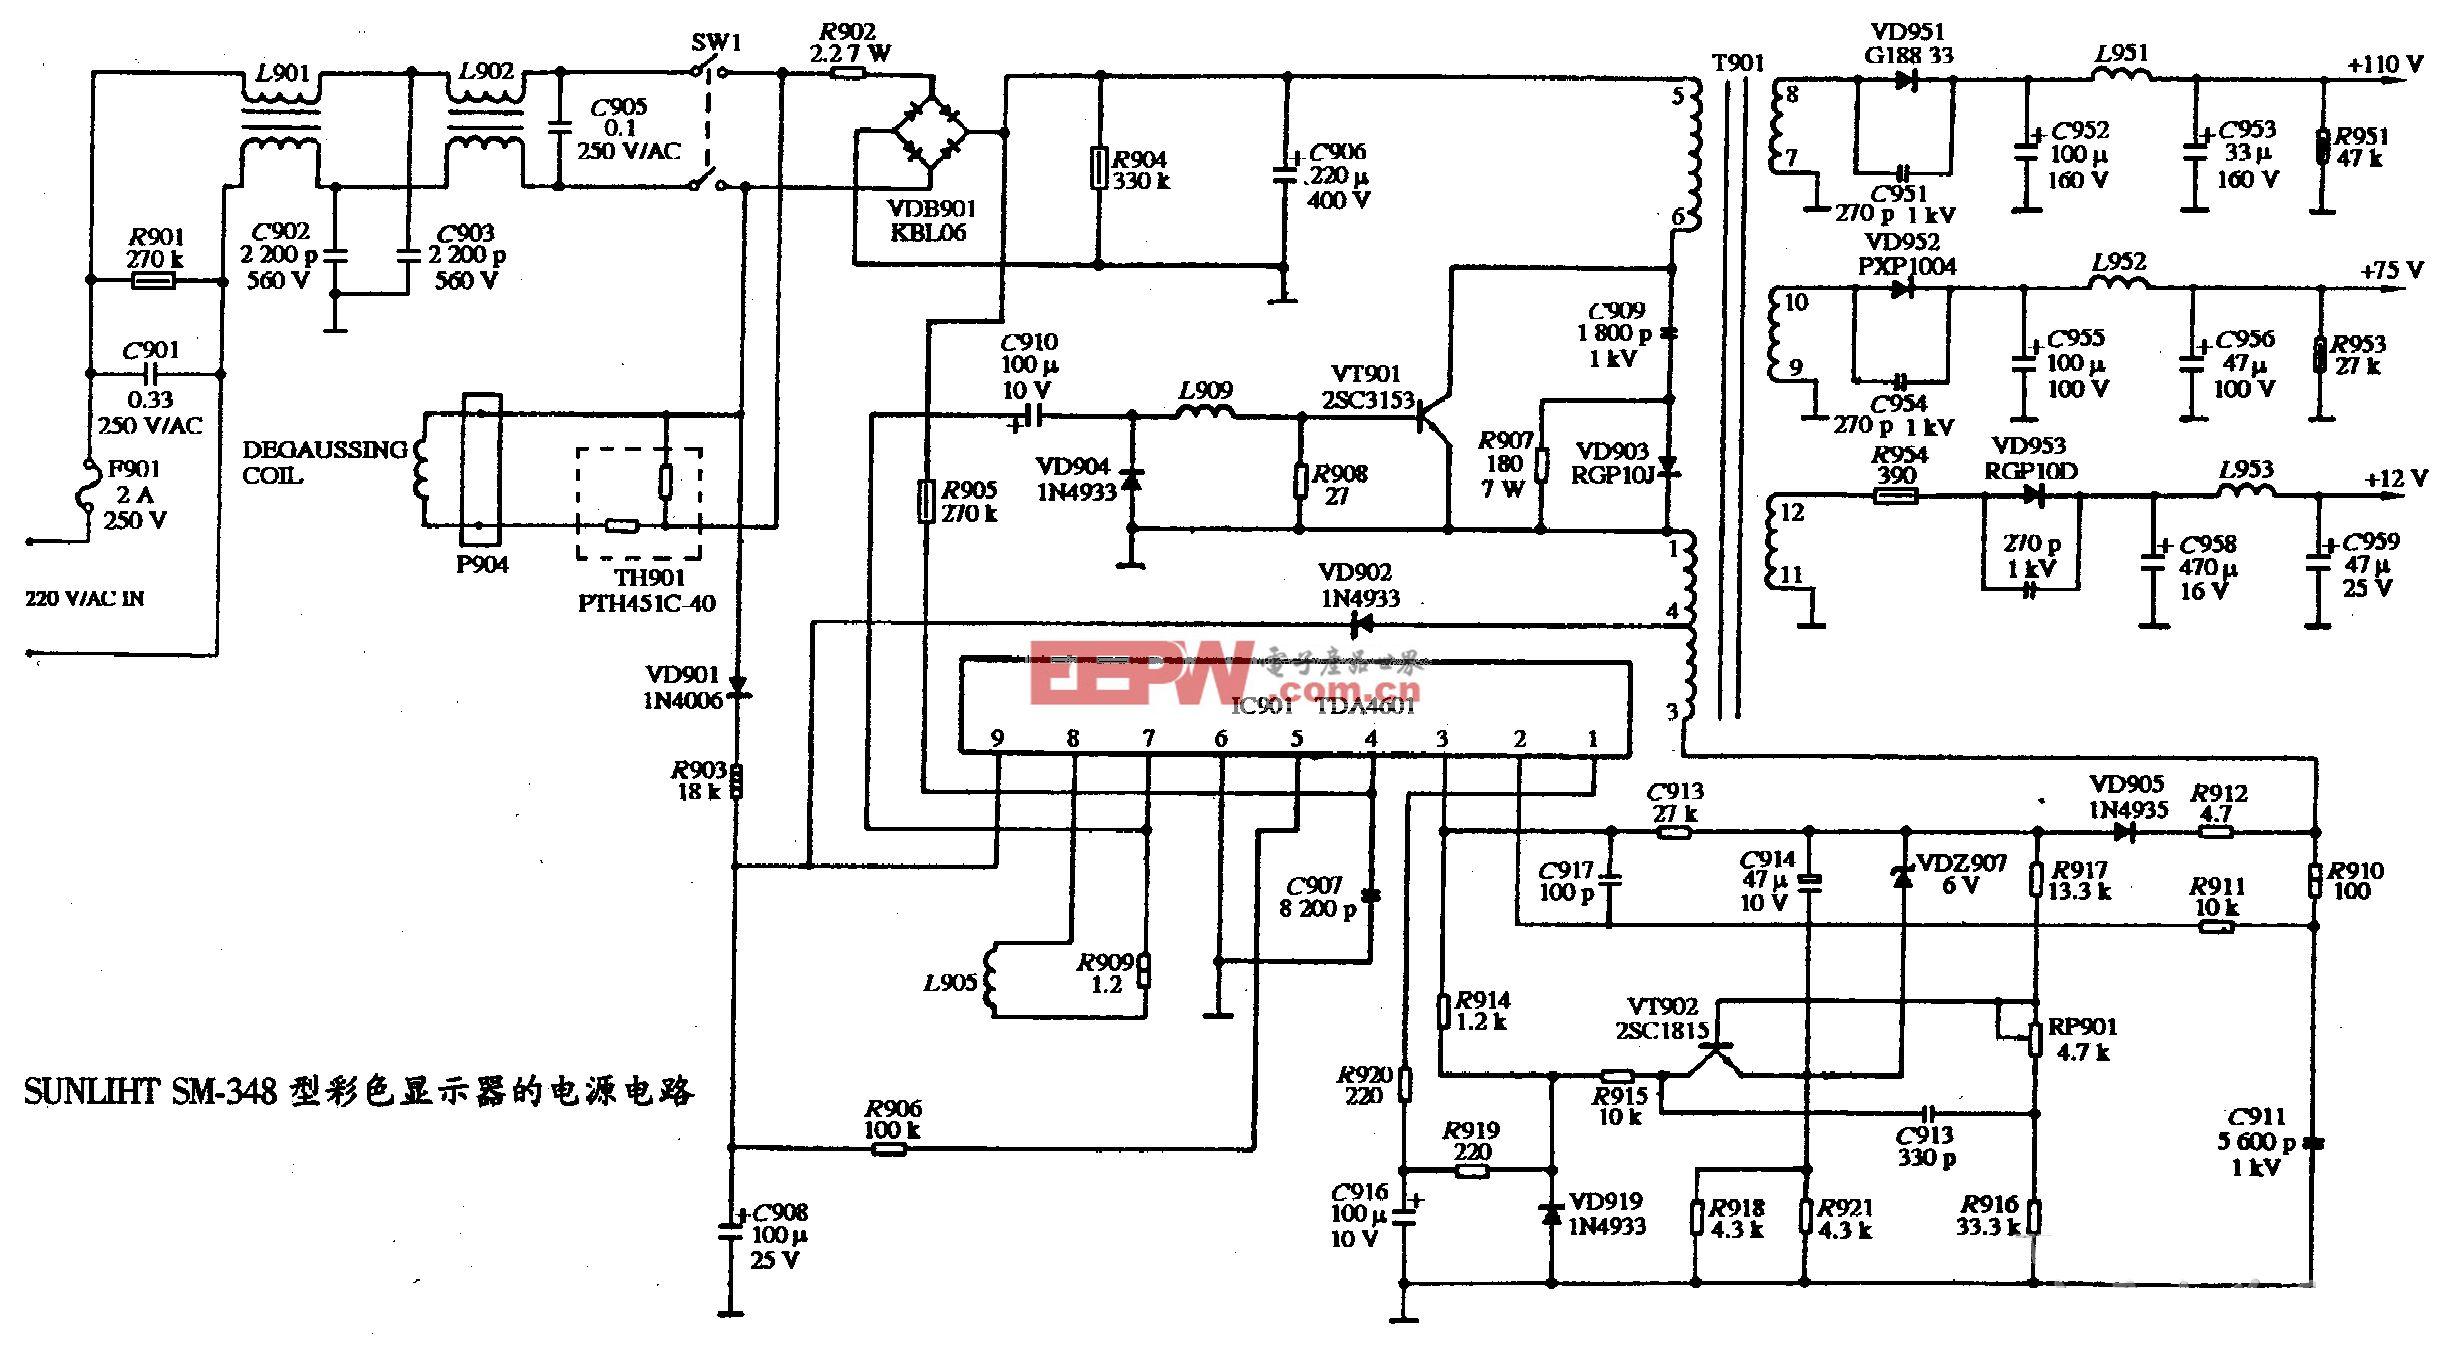 SUNLIHT SM-348型彩色显示器的电源电路图